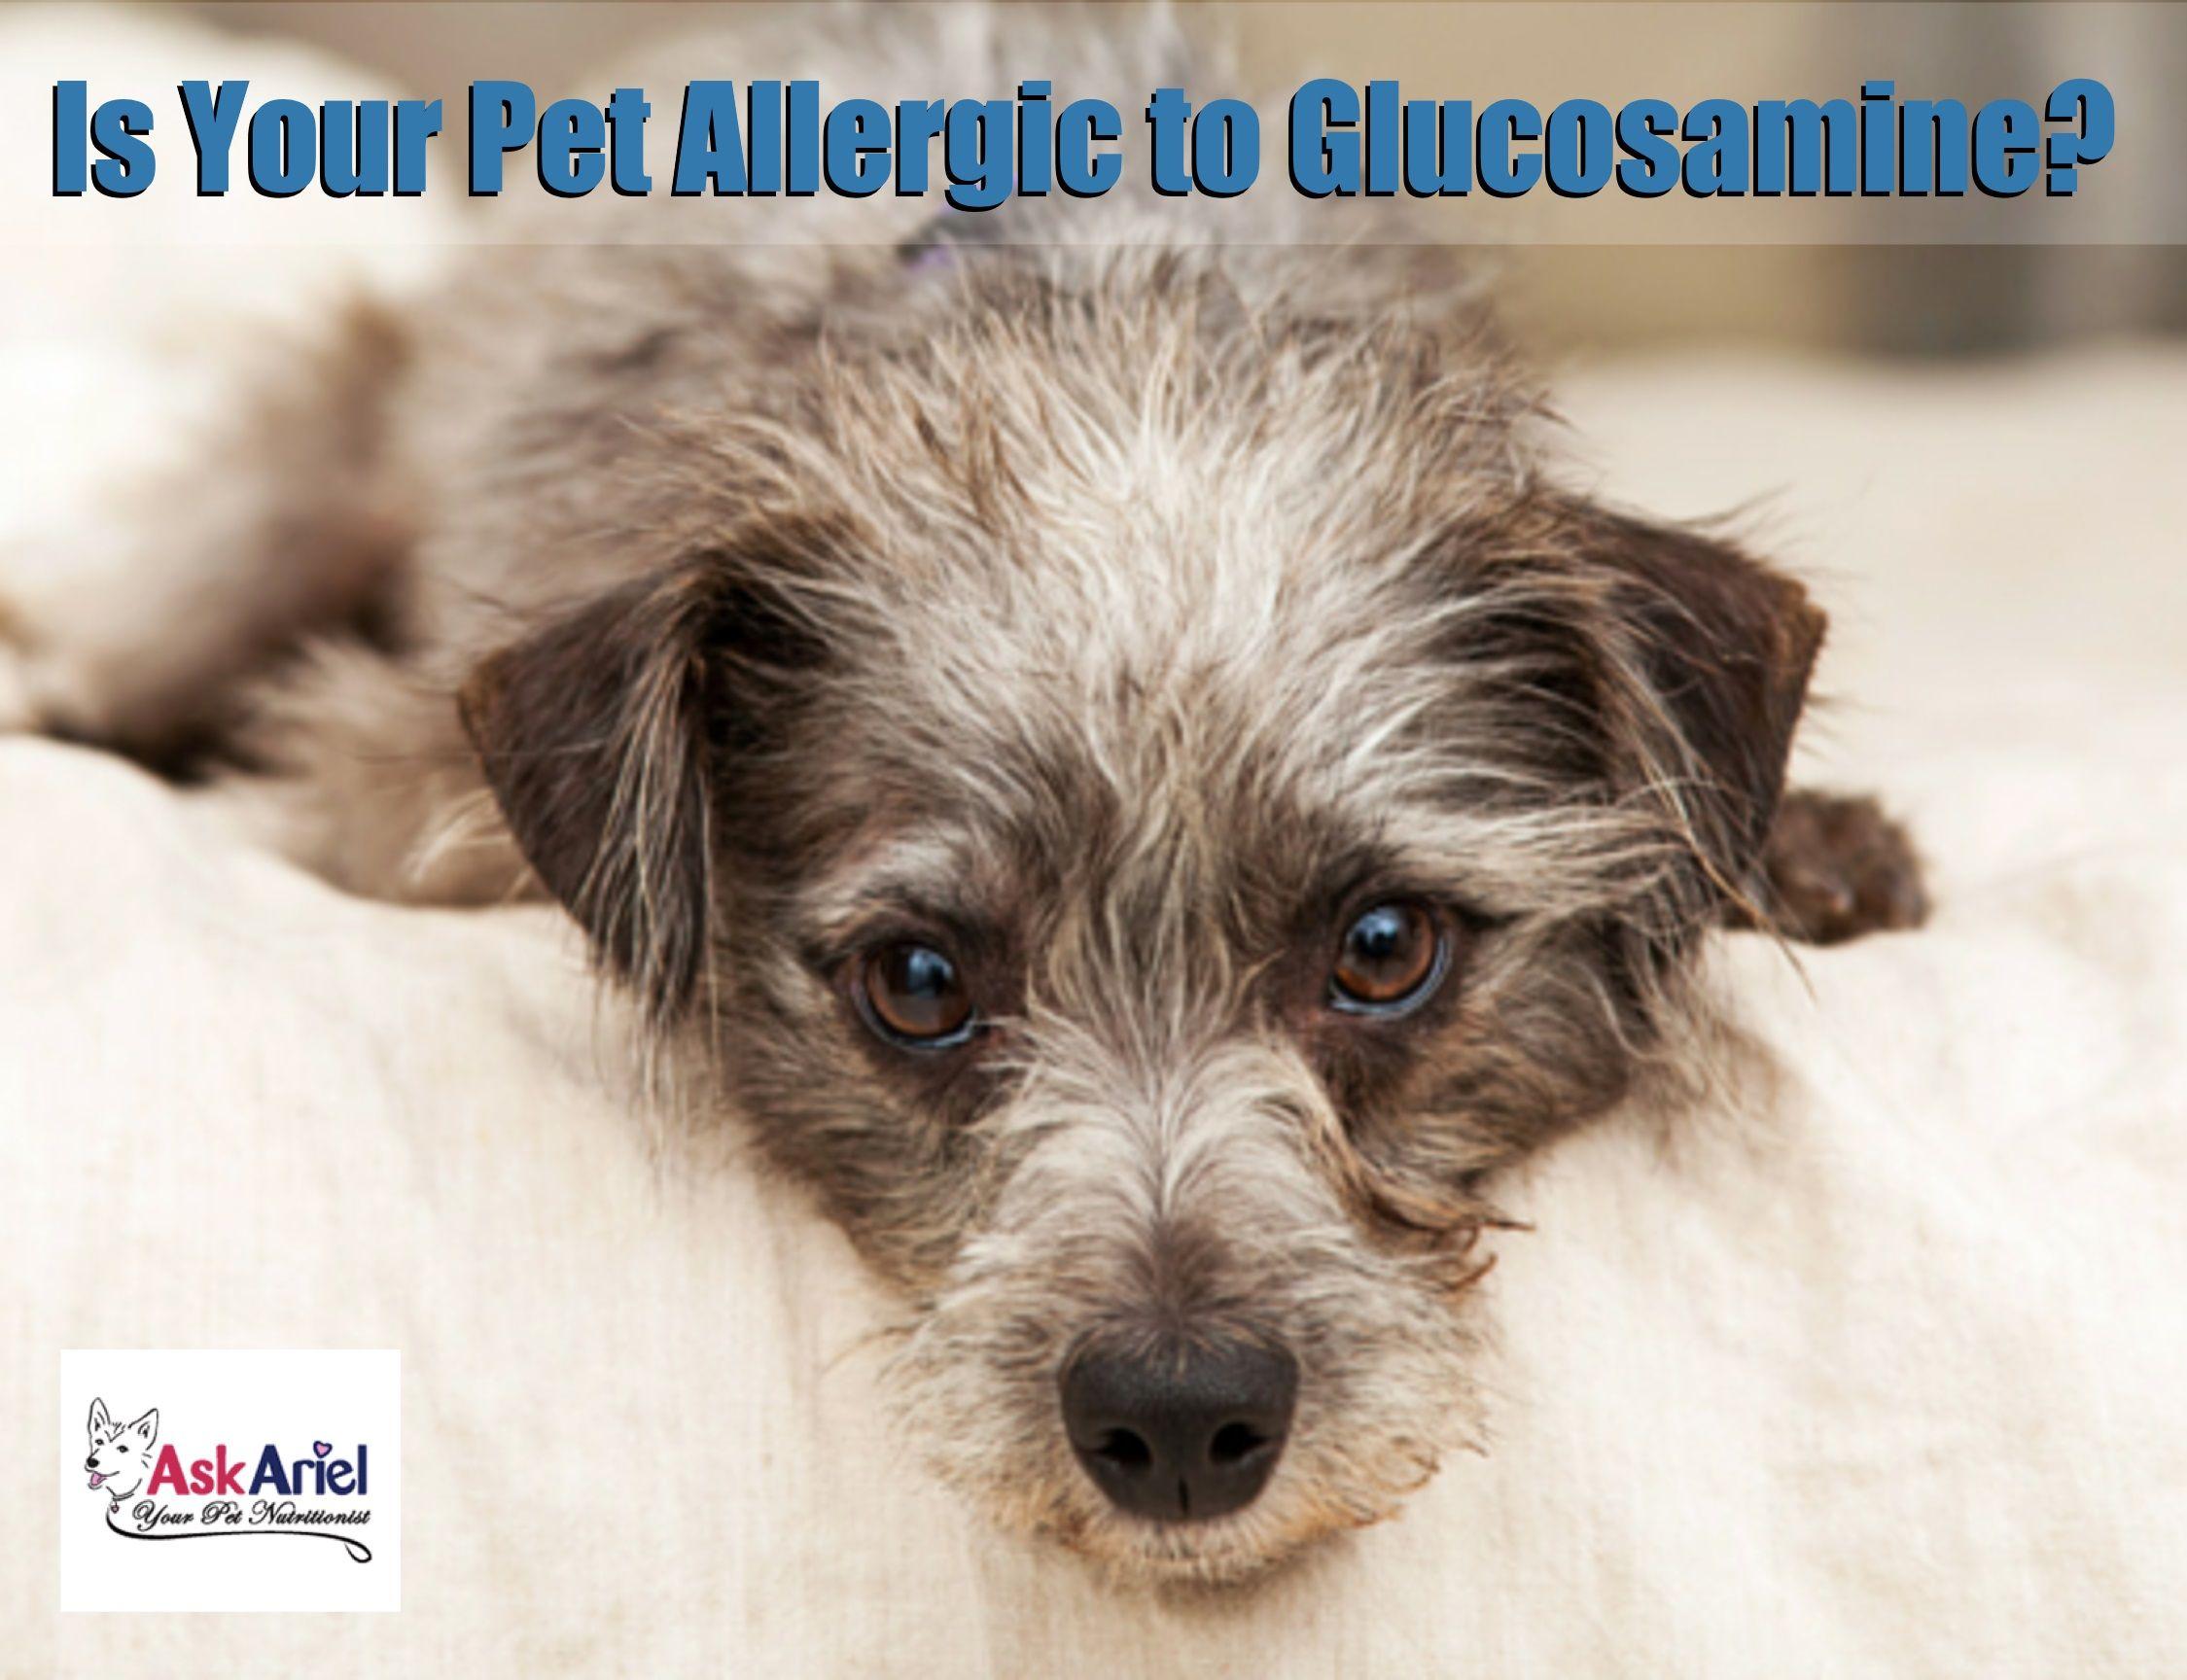 UltraFlex Collagen Supplement for Dogs & Cats Ask Ariel